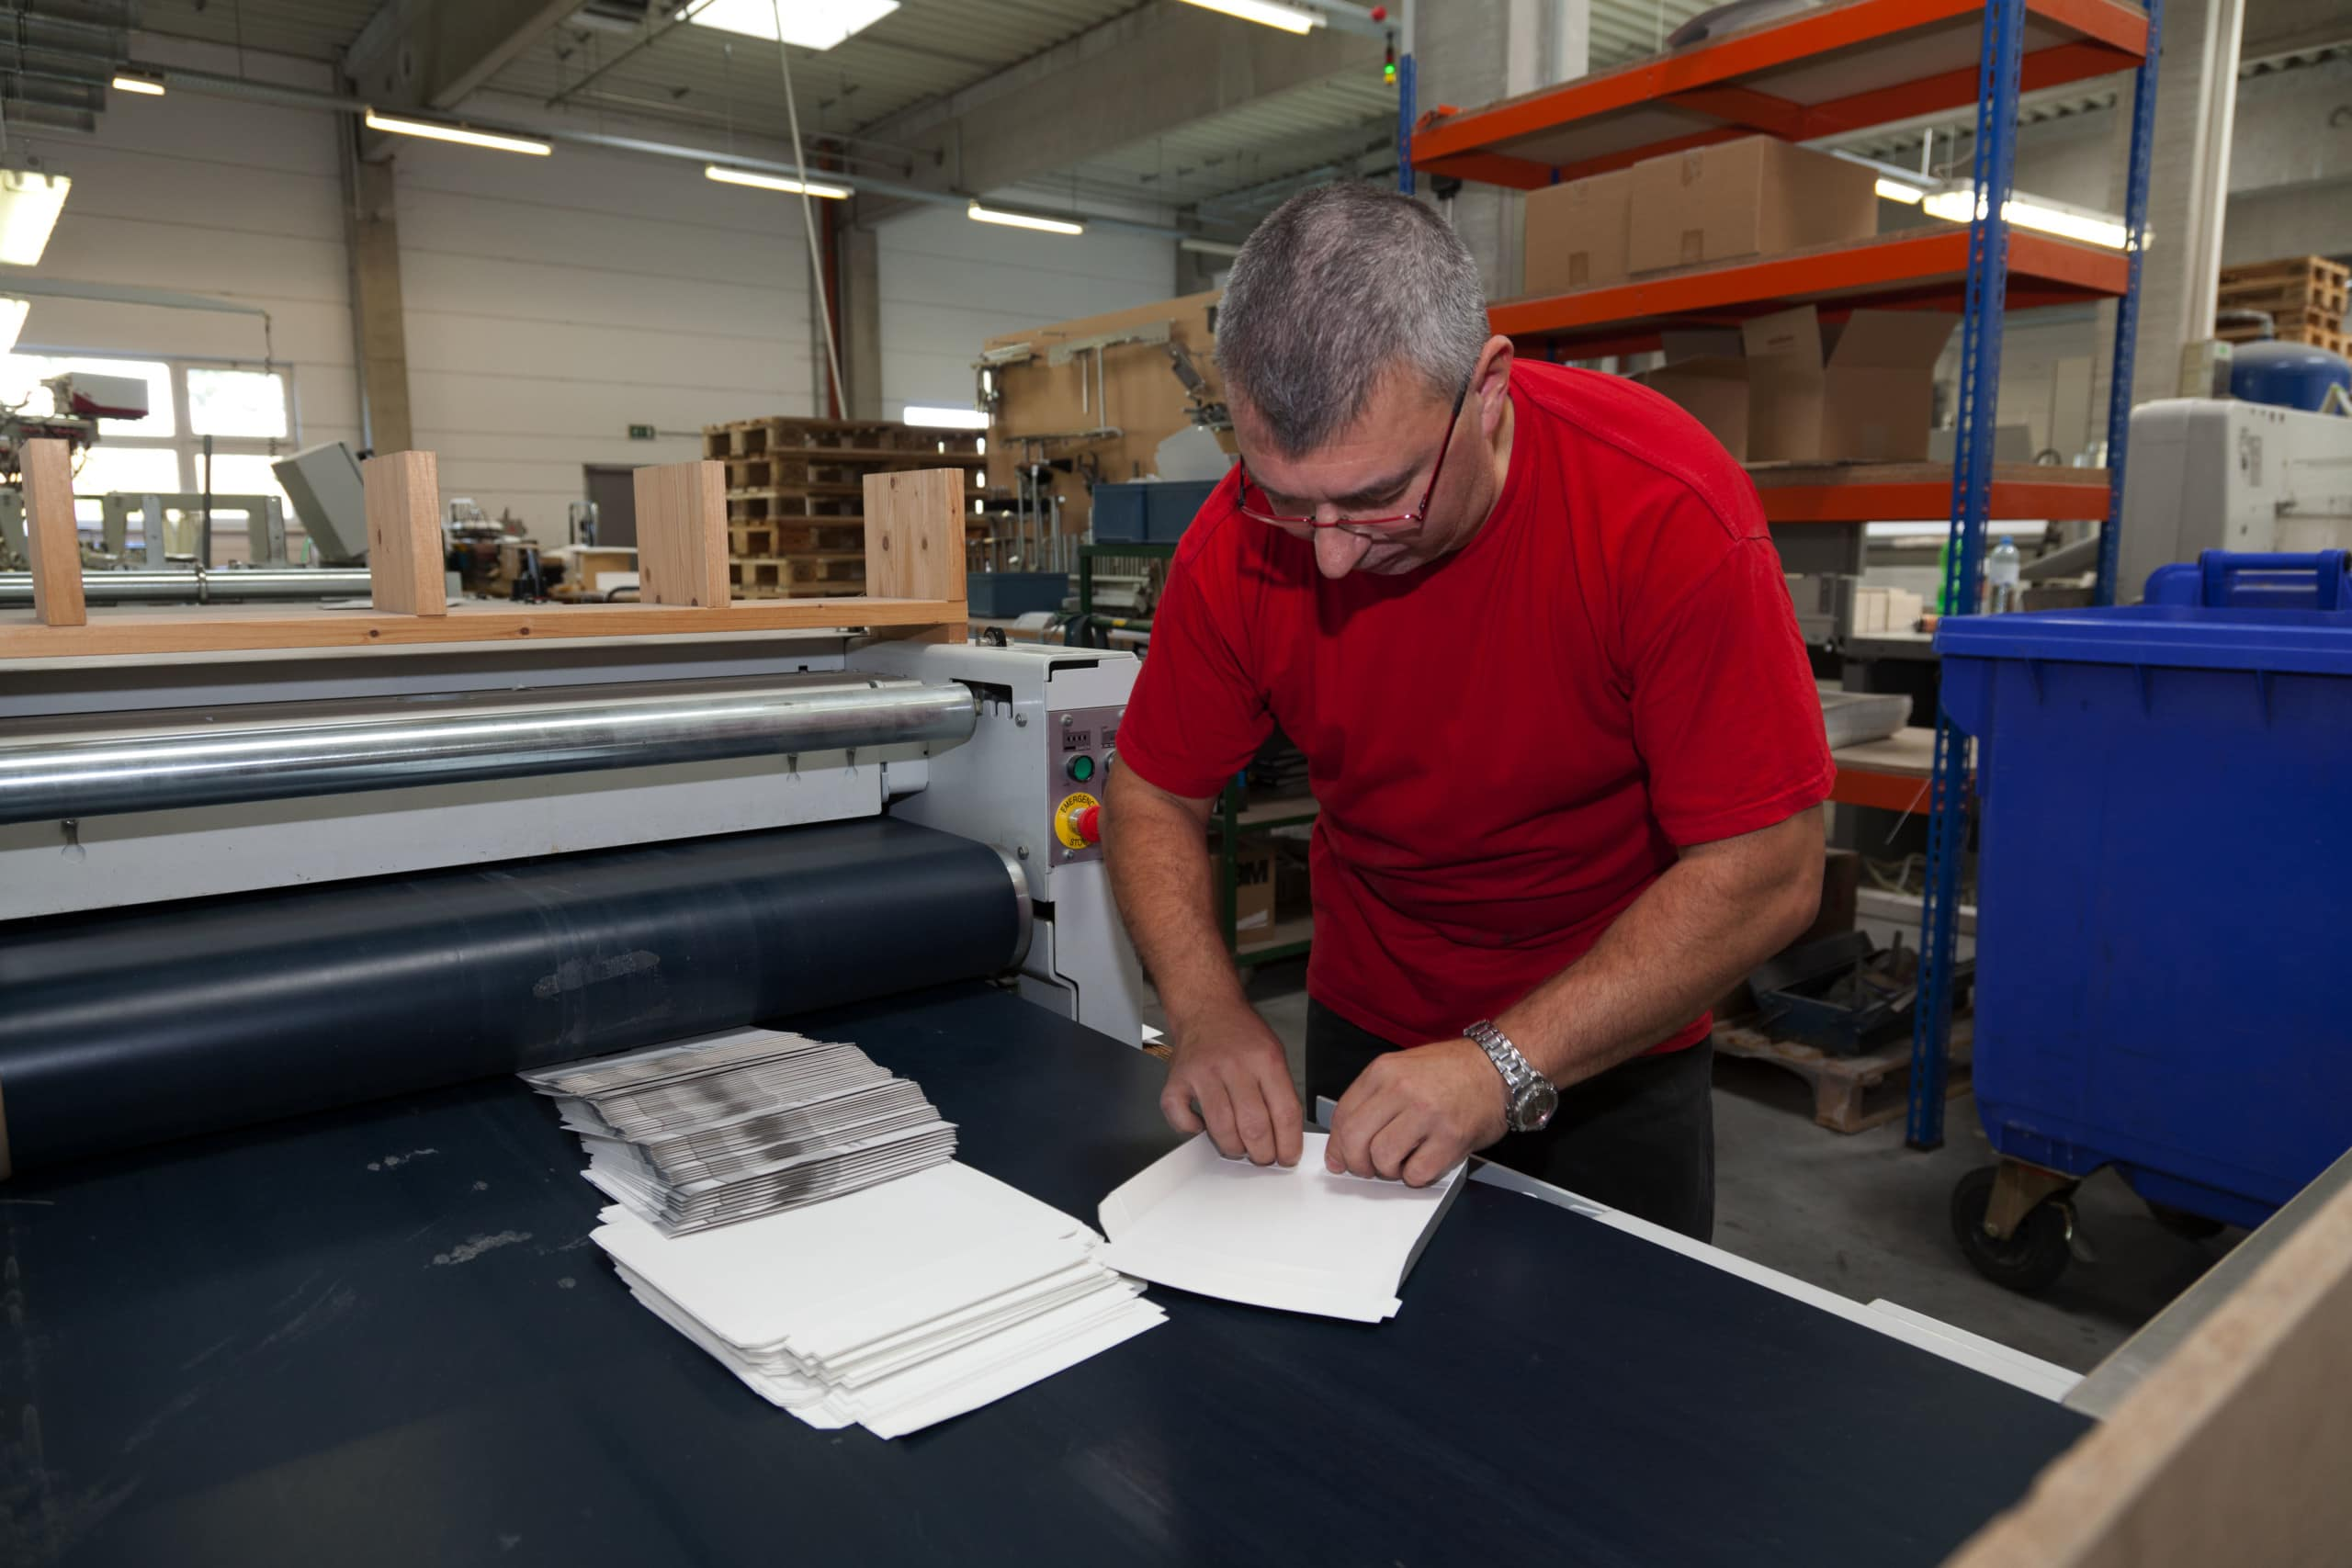 Lehre Verpackungstechniker-Buchbinderei